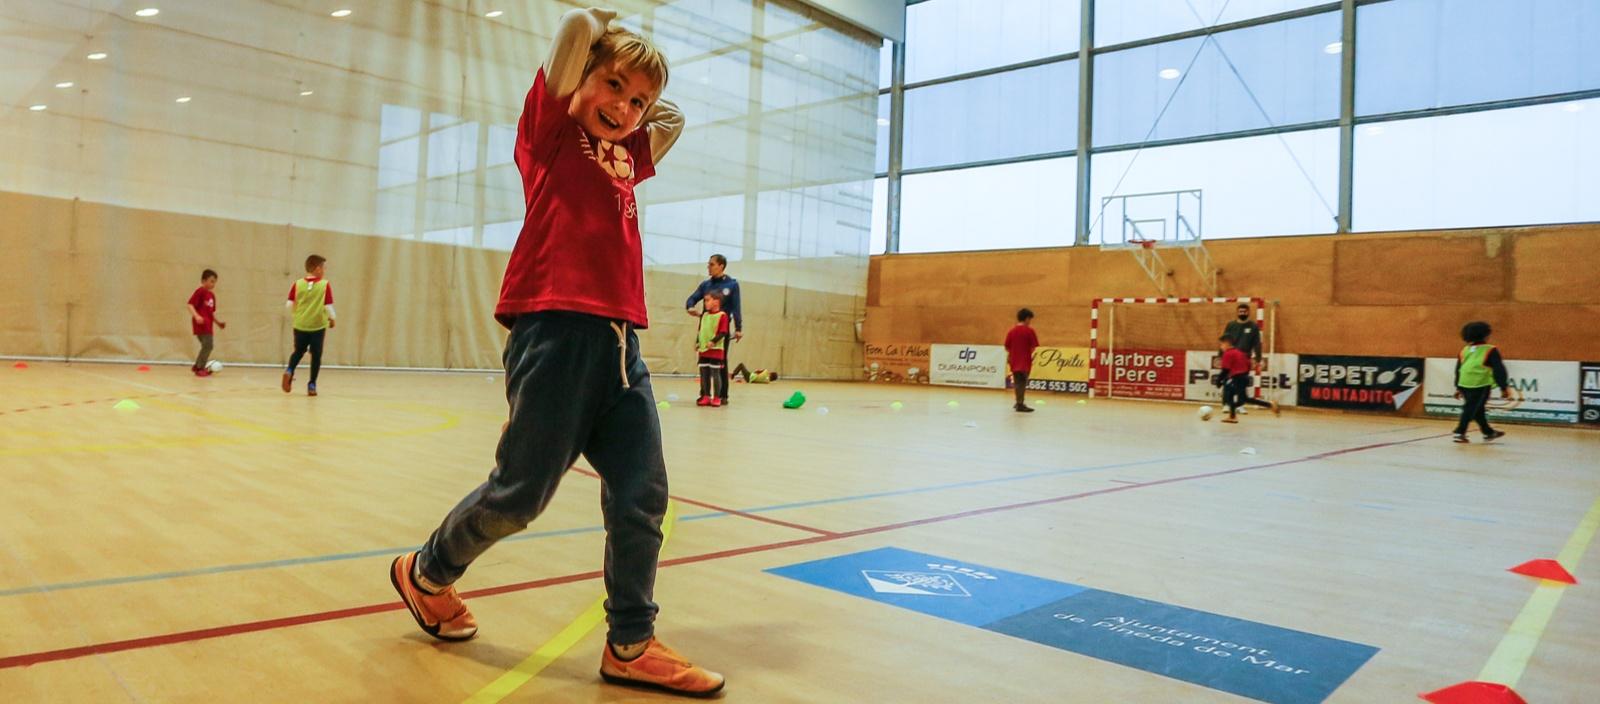 Els play-off a Divisió d'Honor Base de futbol sala es disputaran a Santa Susanna, Amposta, Torrefarrera i Santa Coloma de Gramenet